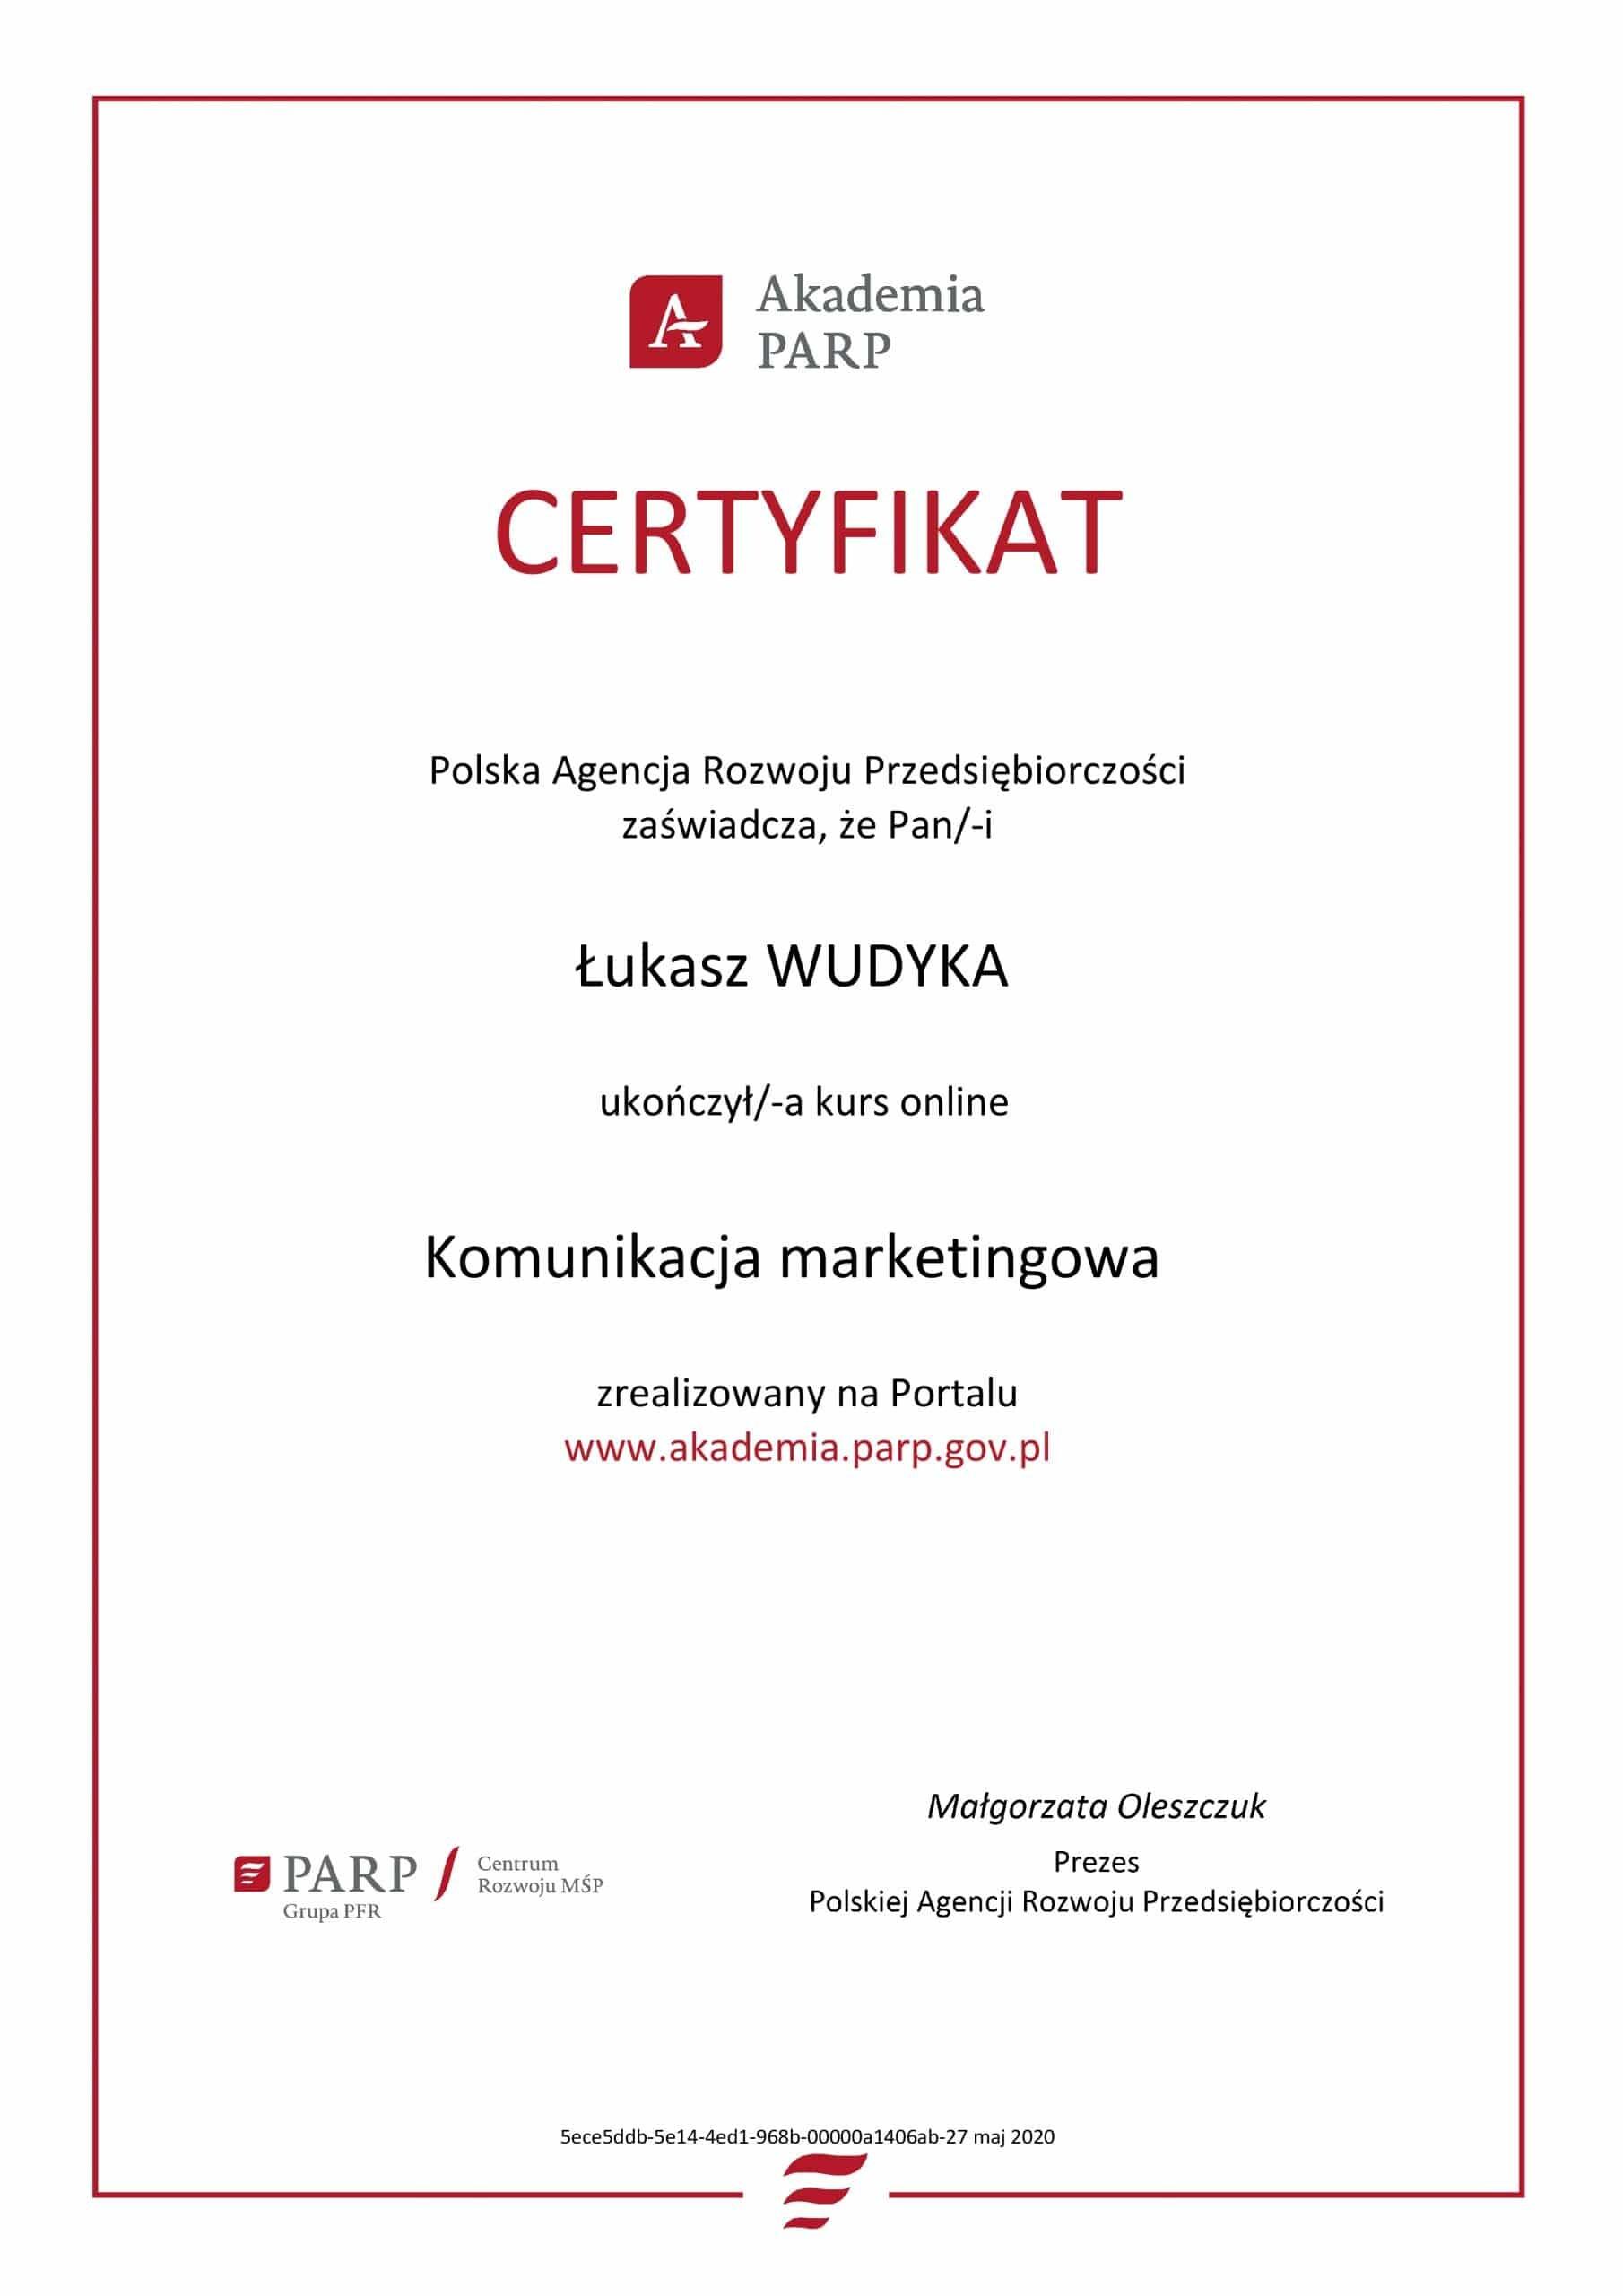 Łukasz Wudyka certyfikat Komunikacja marketingowa - Akademia PARP